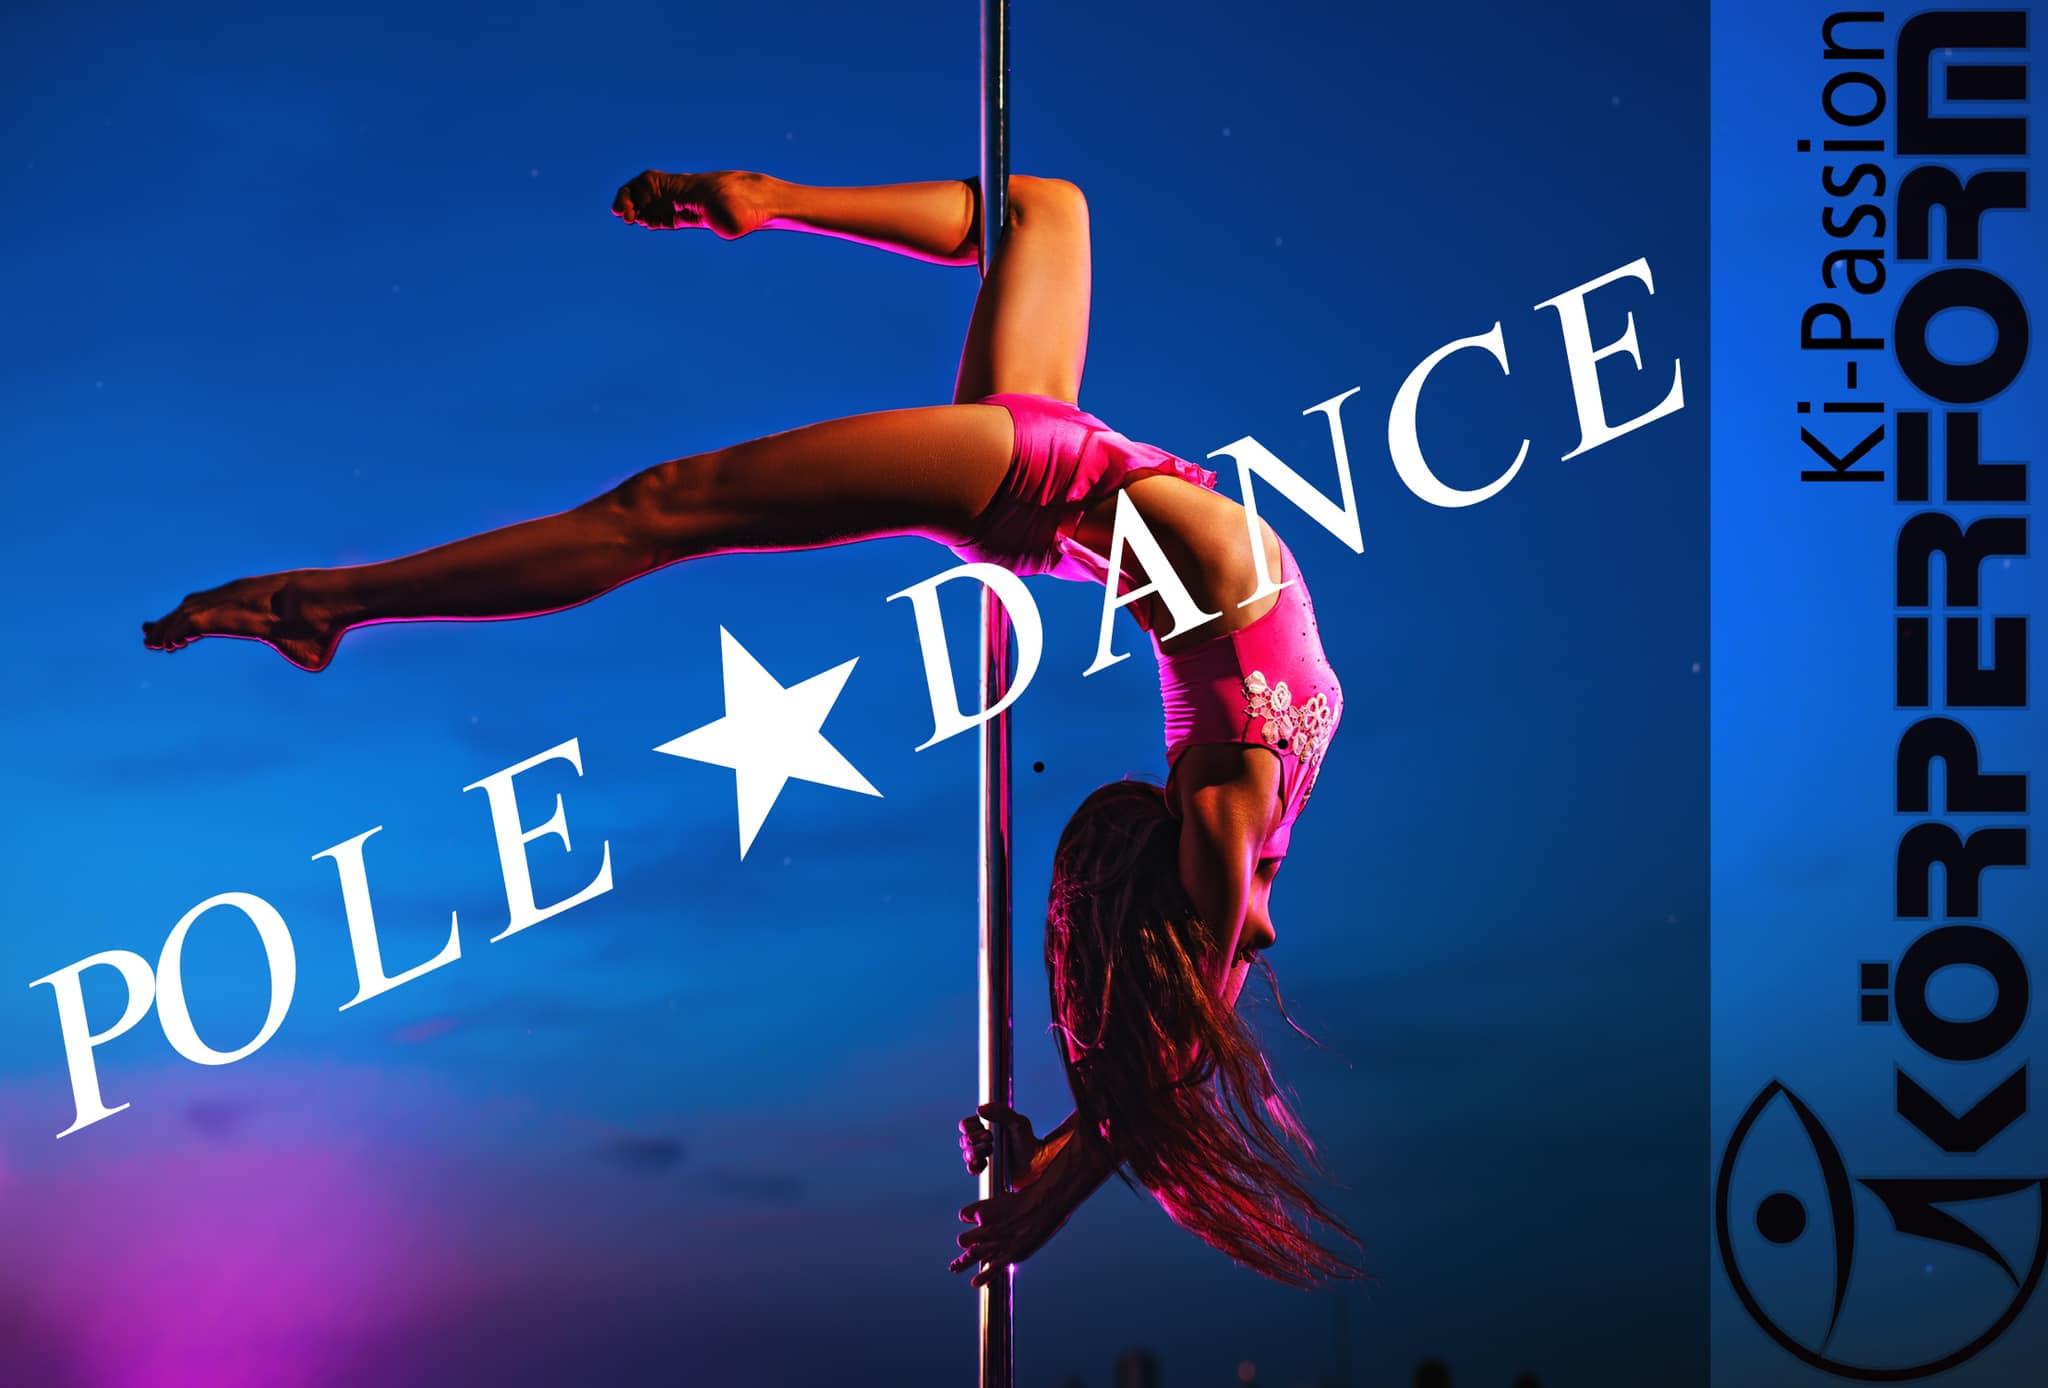 Pole Dance - Pole Sport